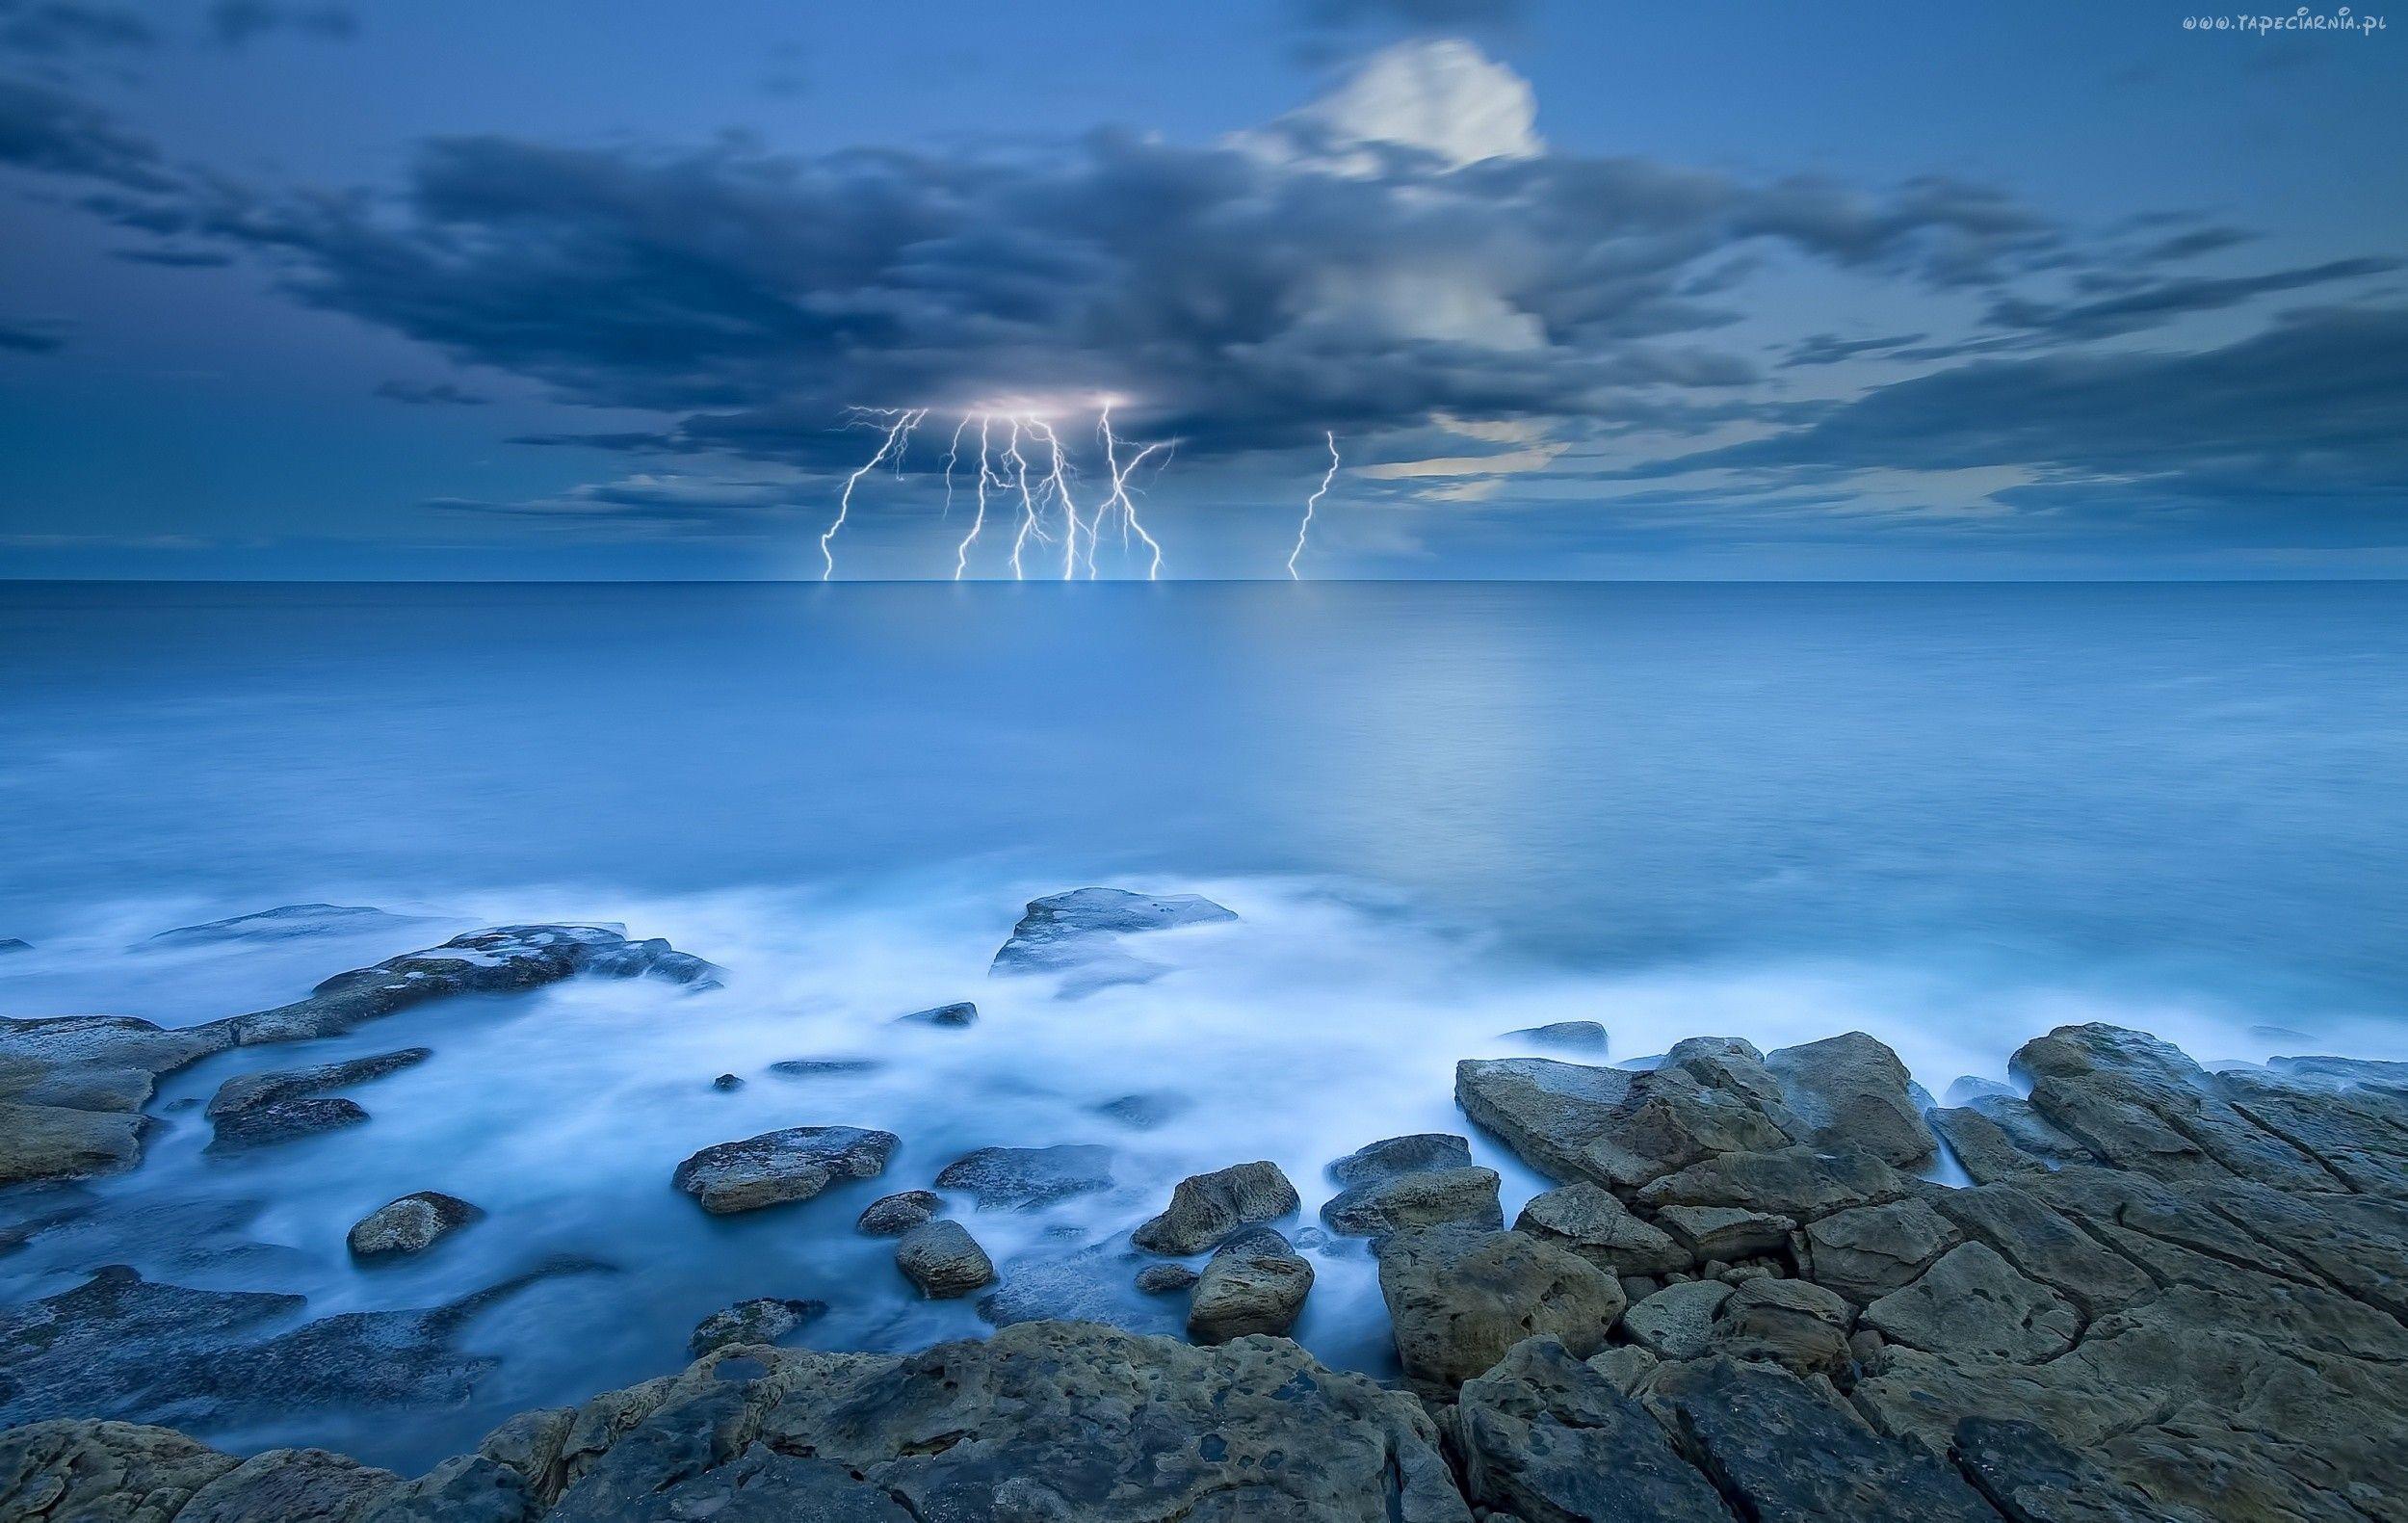 Edycja Tapety: Morze, Kamienie, Burza